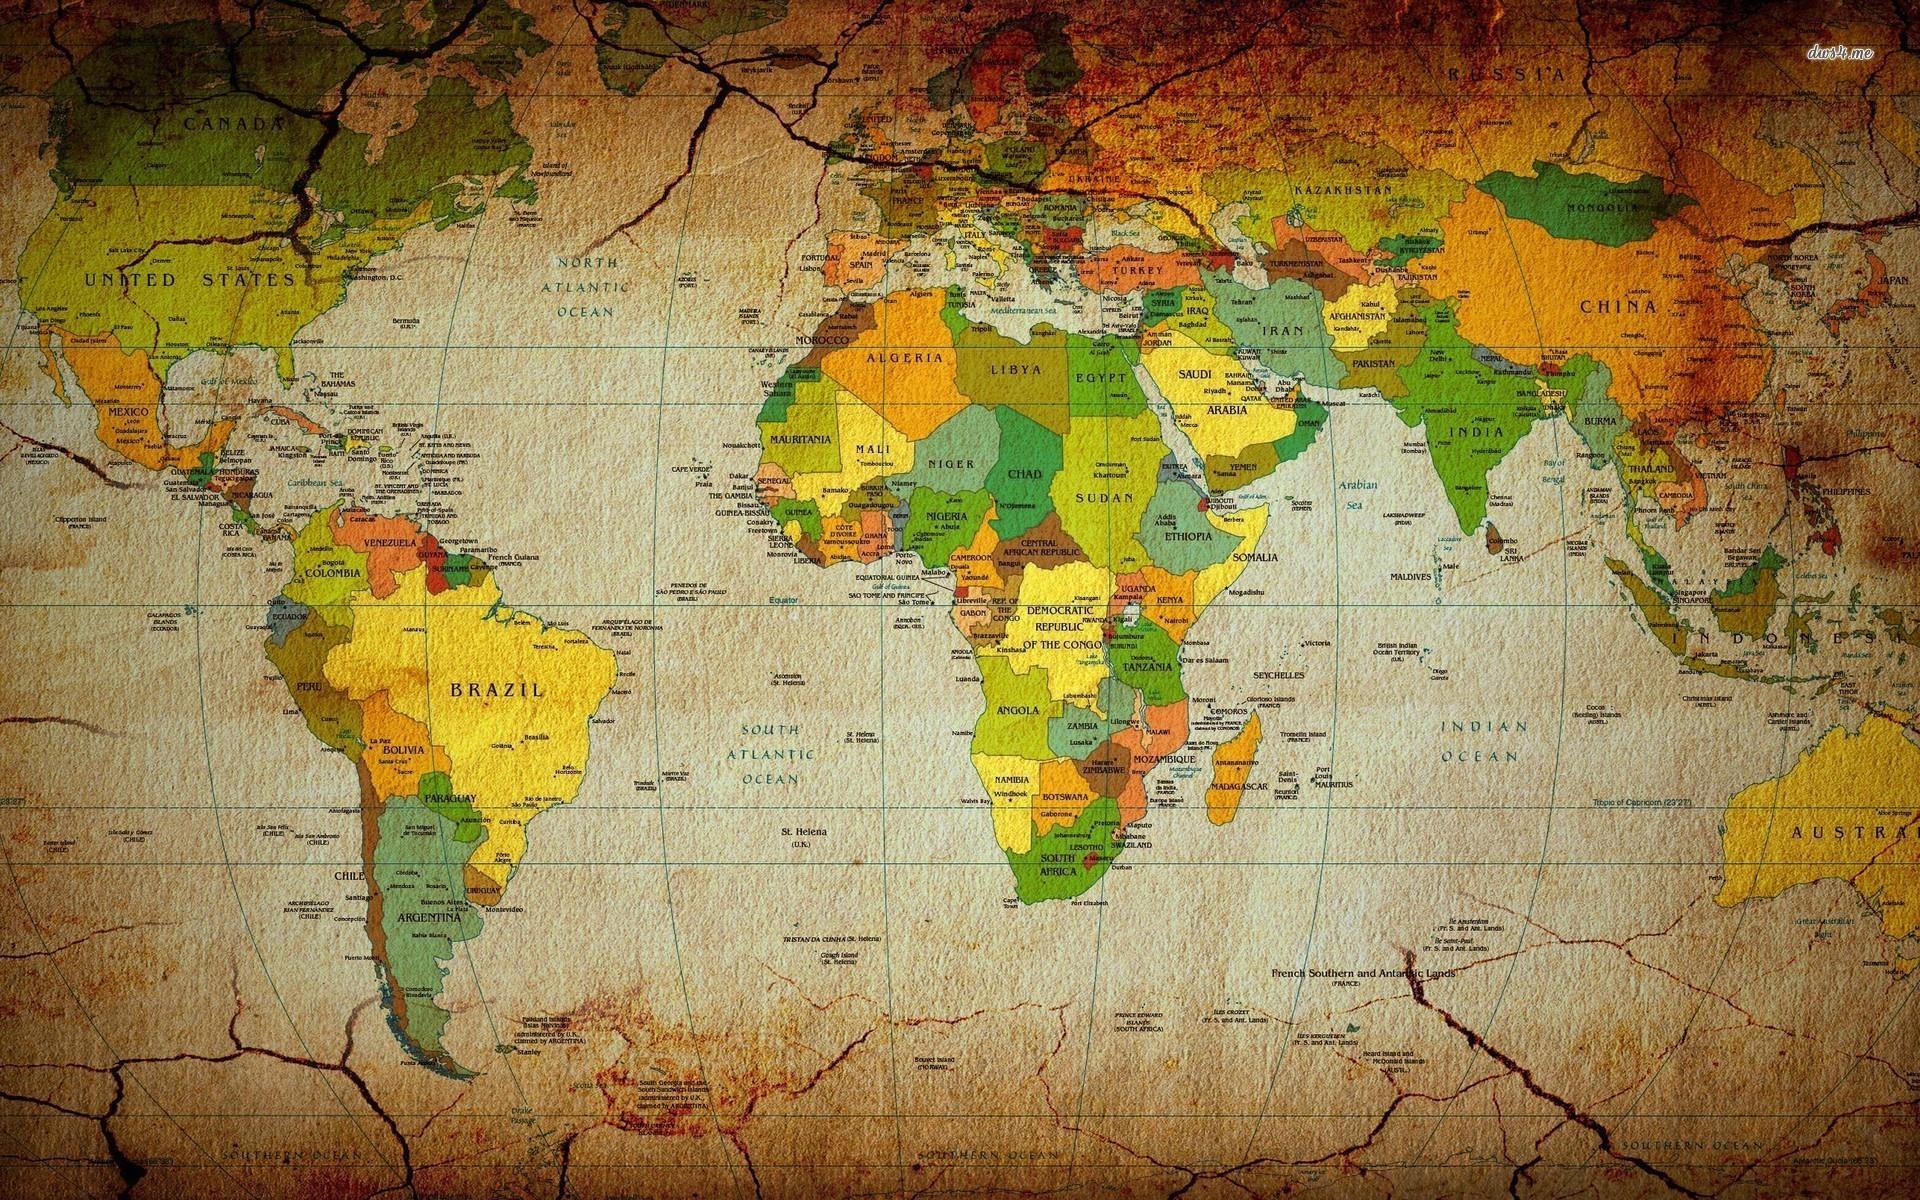 16182 world map 1920x1200 digital art wallpaperg map pictures 16182 world map 19201200 digital art wallpaperg gumiabroncs Images